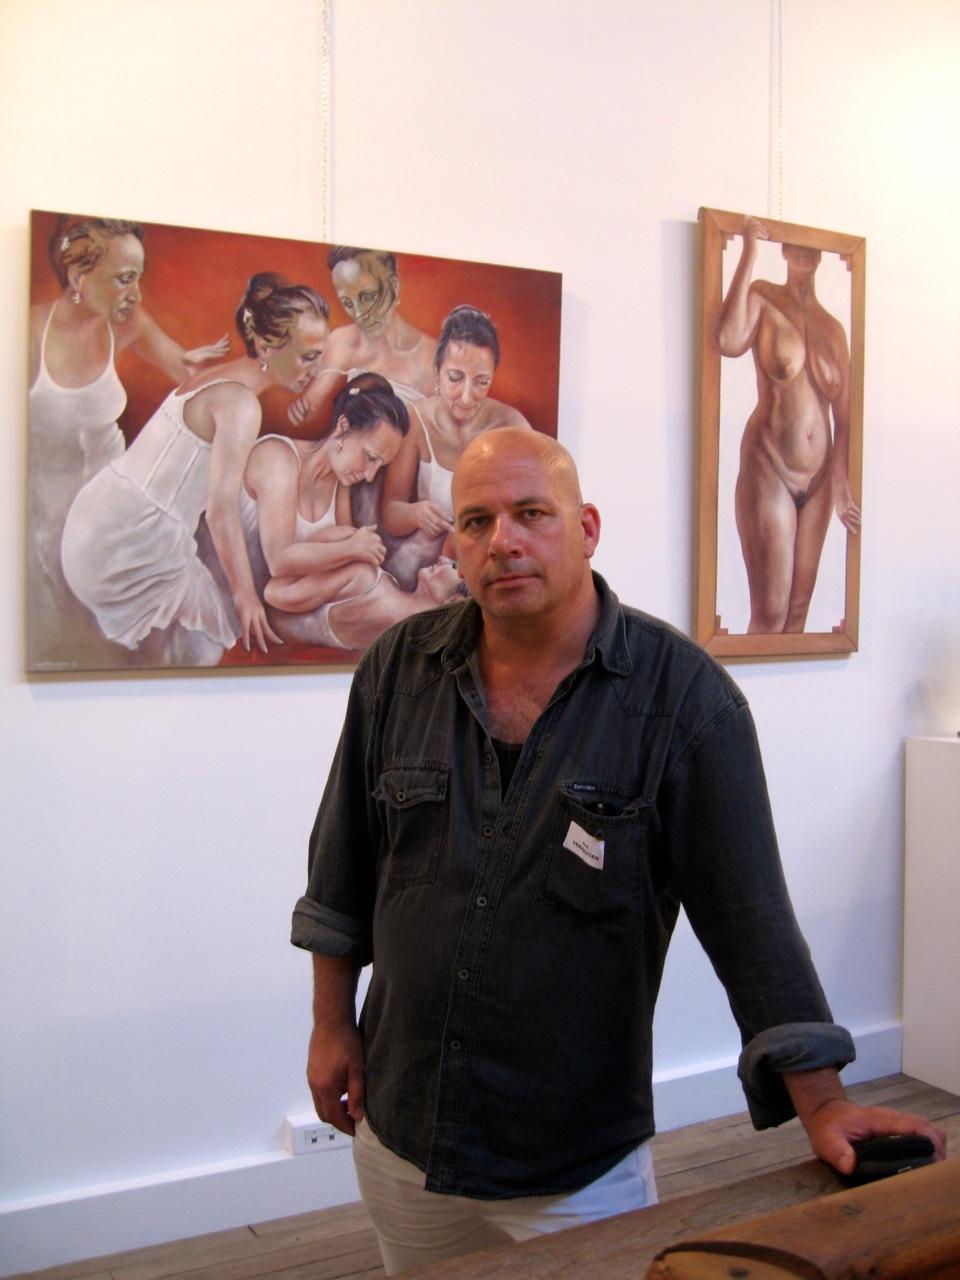 Citaten Van Bekende Kunstenaars : Nederlandse kunstenaars in parijs jos verheugen